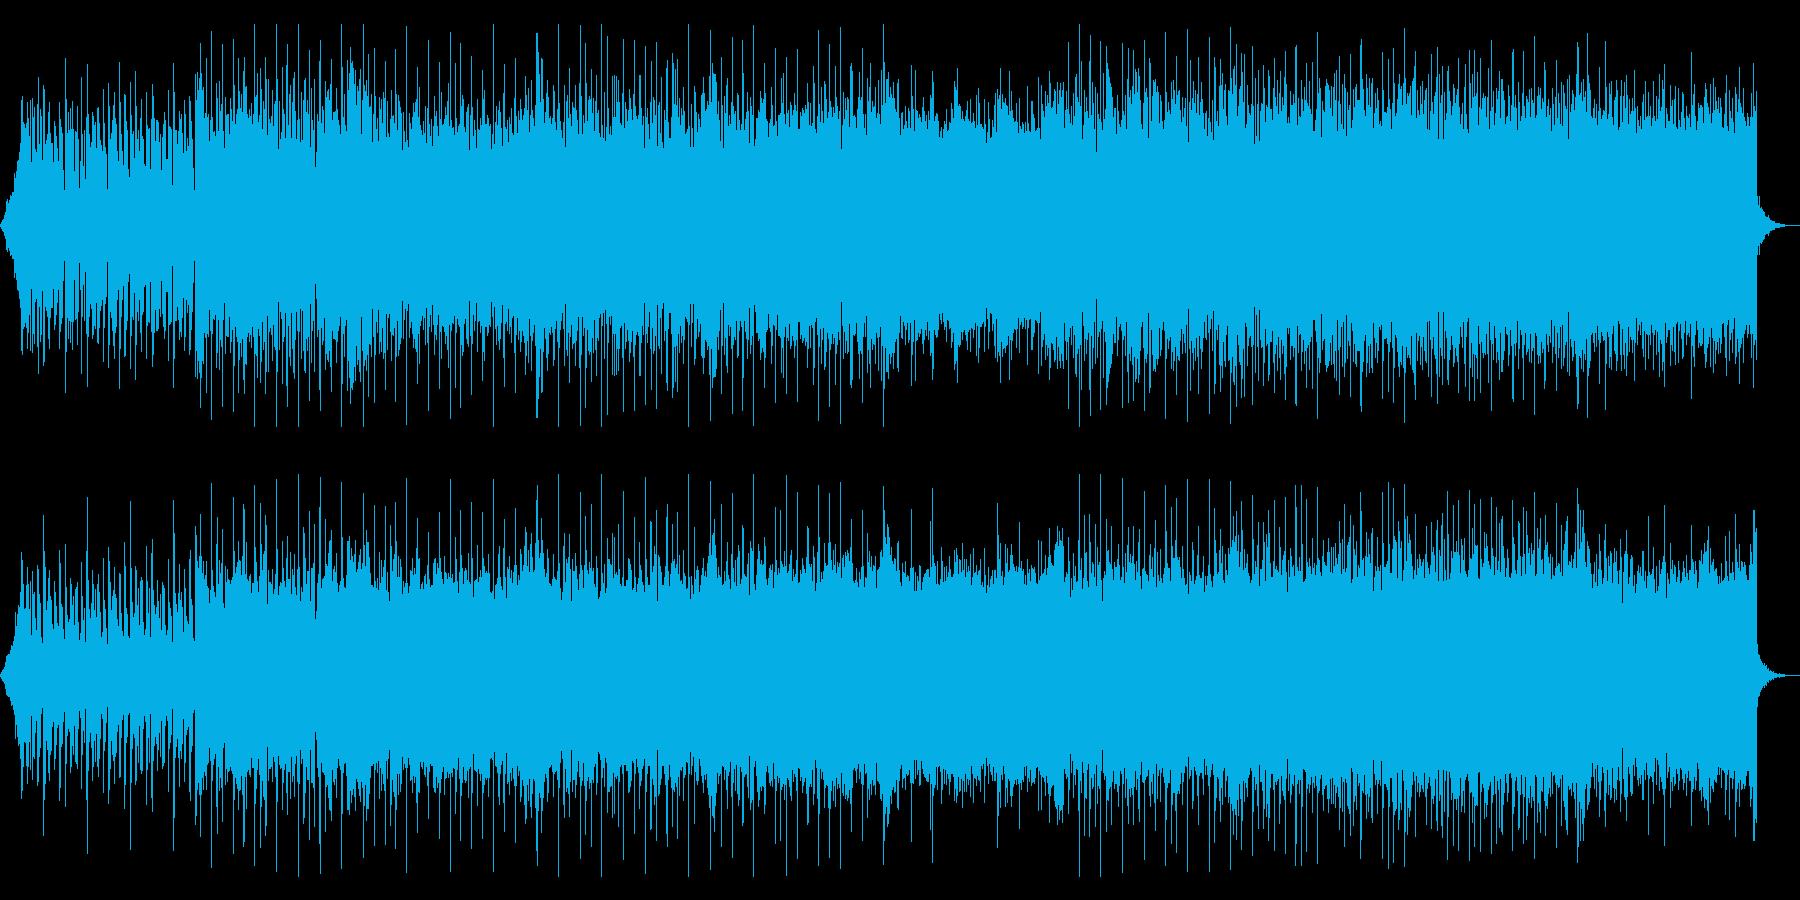 企業VP・誠実・高揚感・ギター&ピアノの再生済みの波形